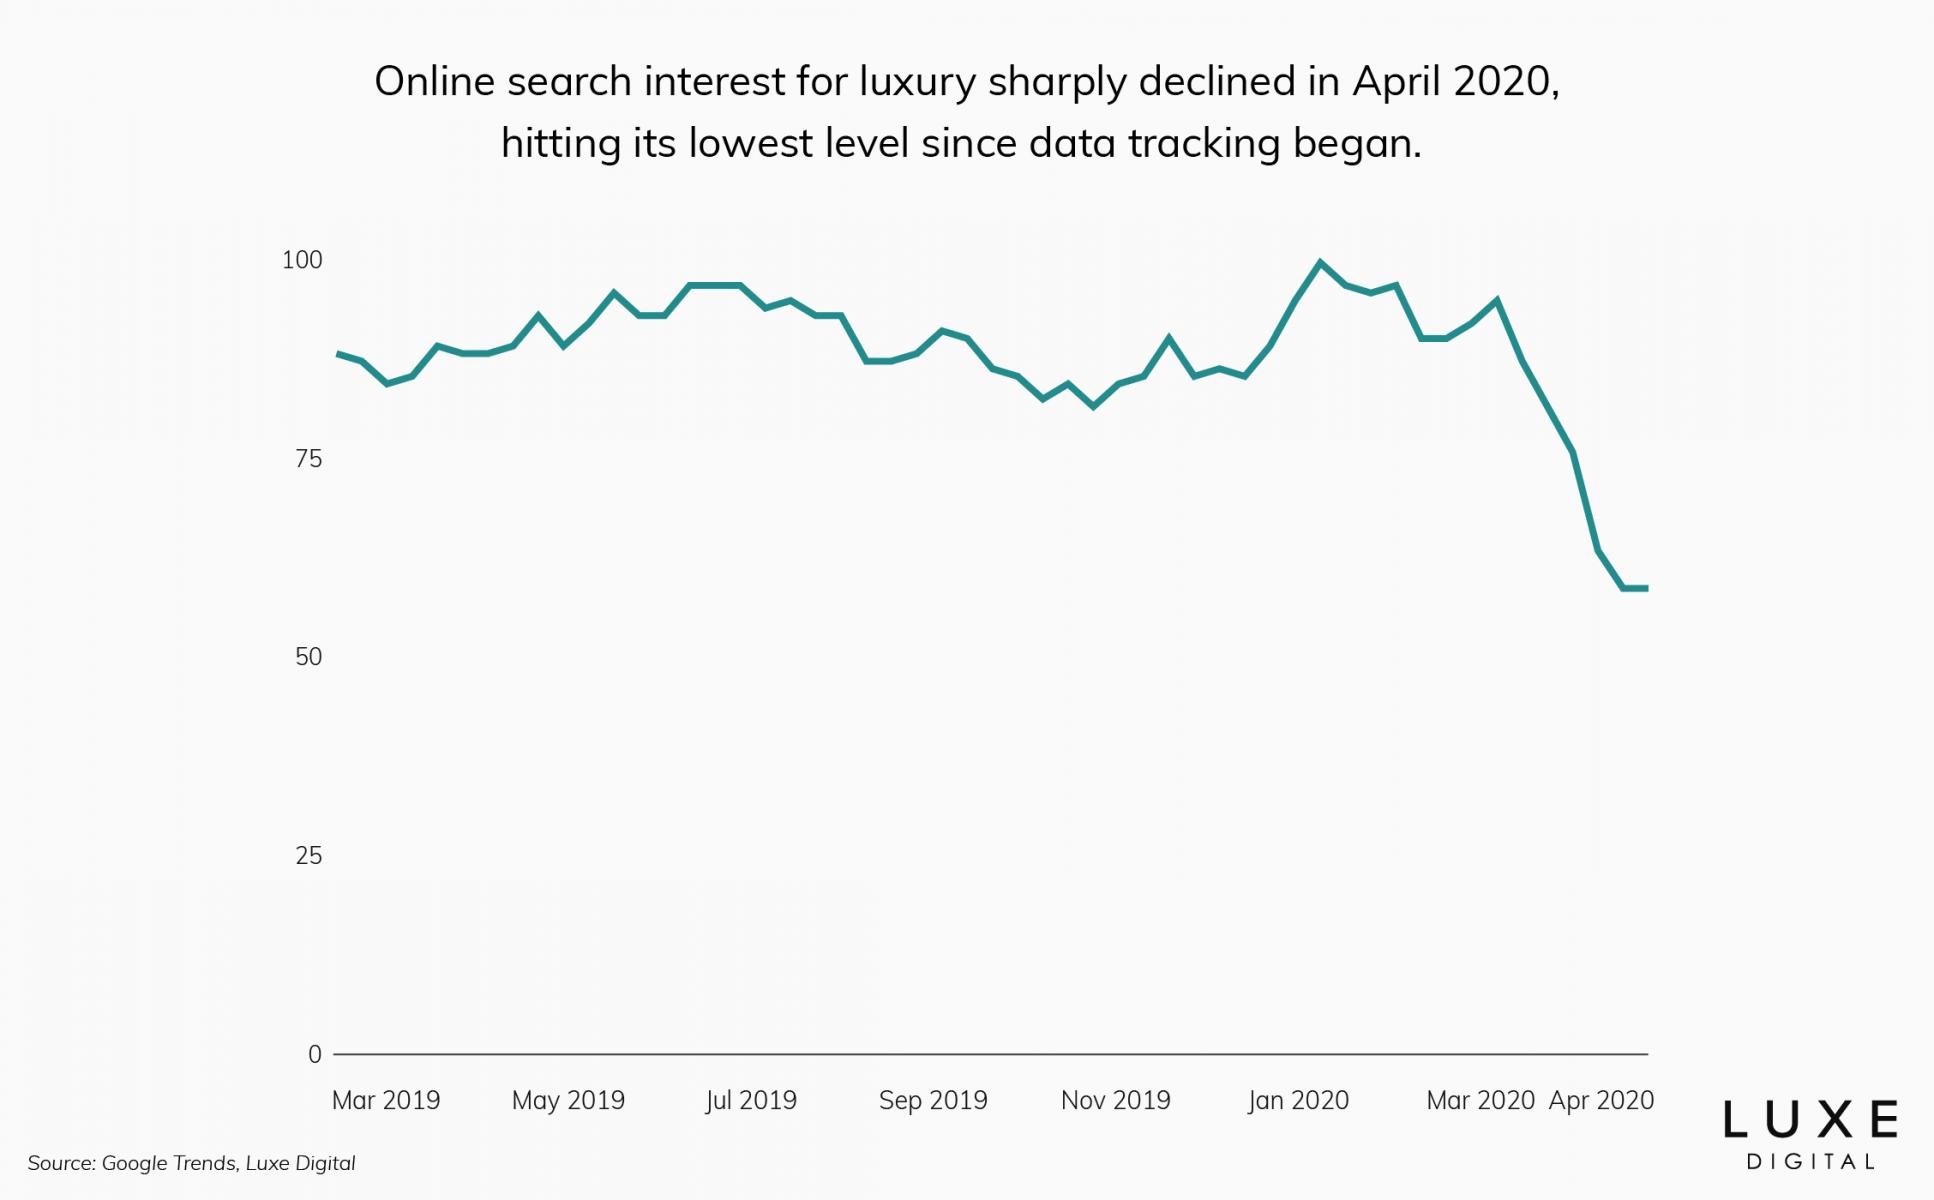 luxury online search interest - Luxe Digital